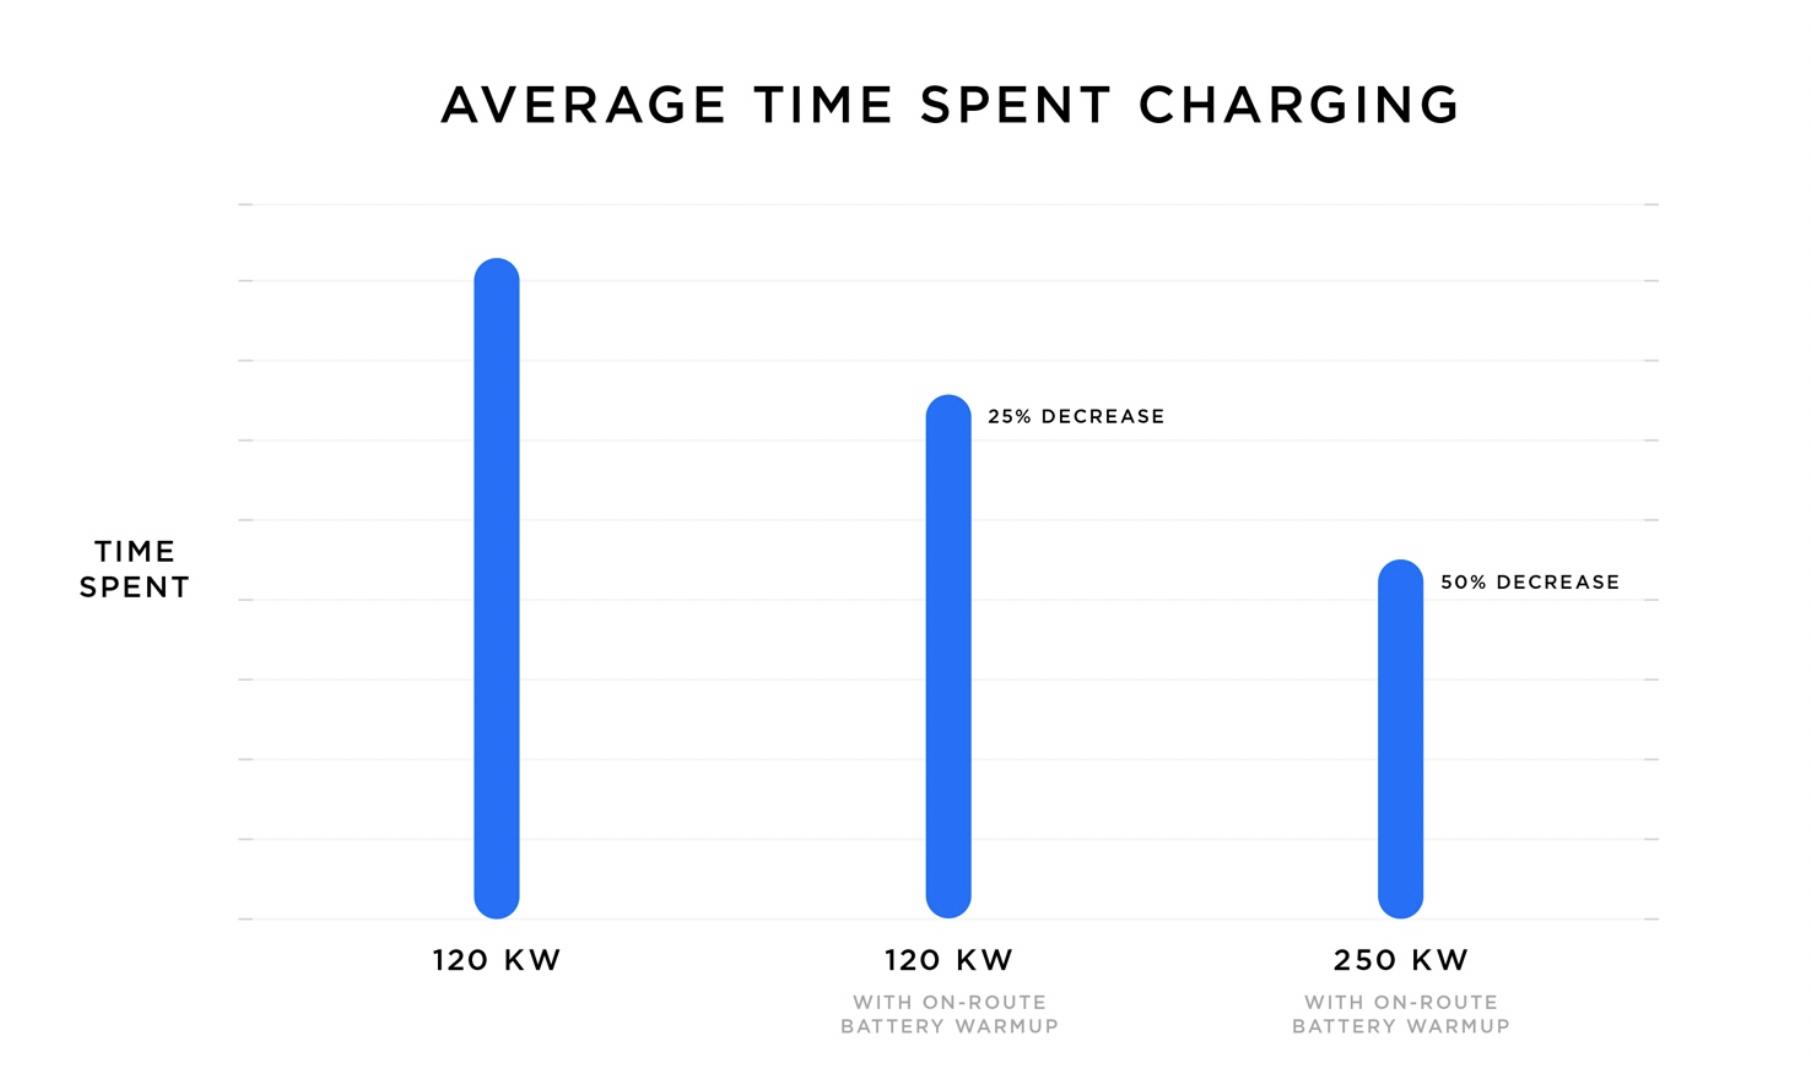 Tesla average time charging